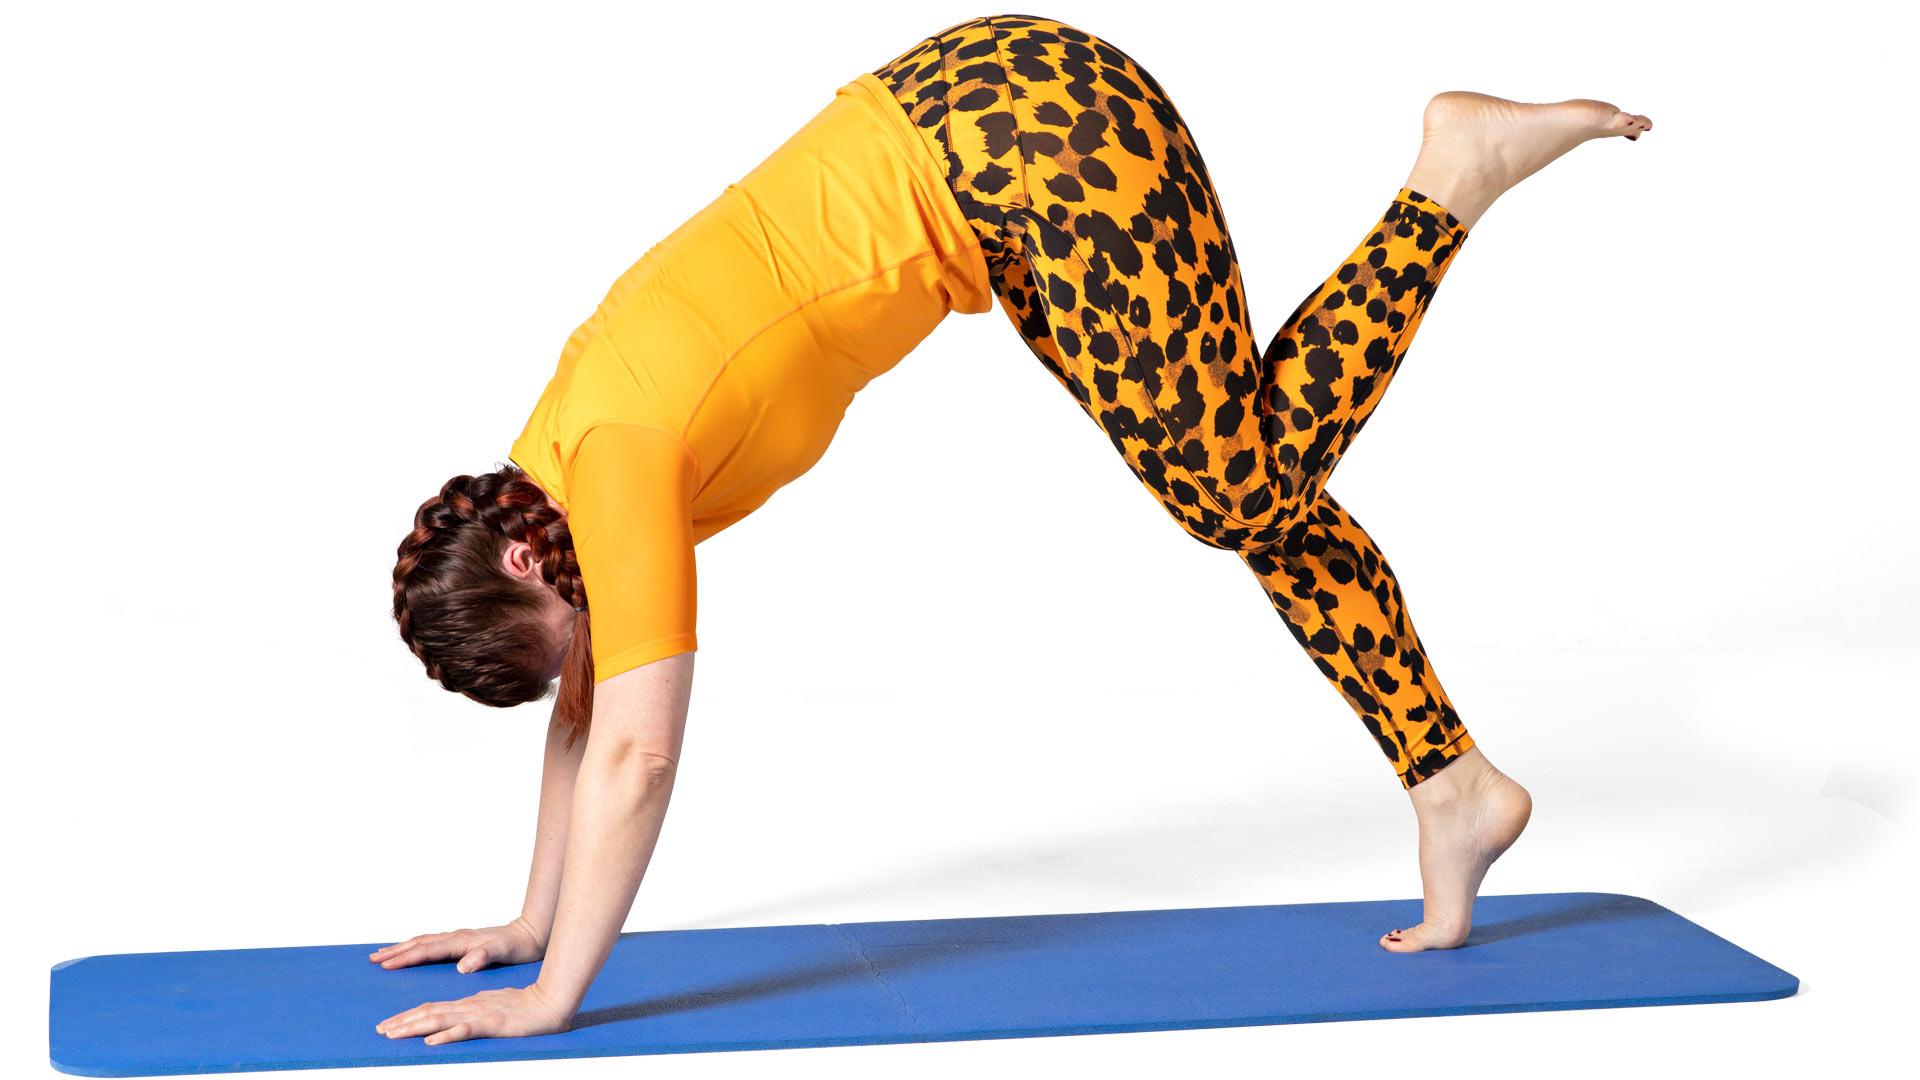 Nosta toinen jalka koukkuun ja laske jarrutellen yhdellä jalalla kantapää maahan.